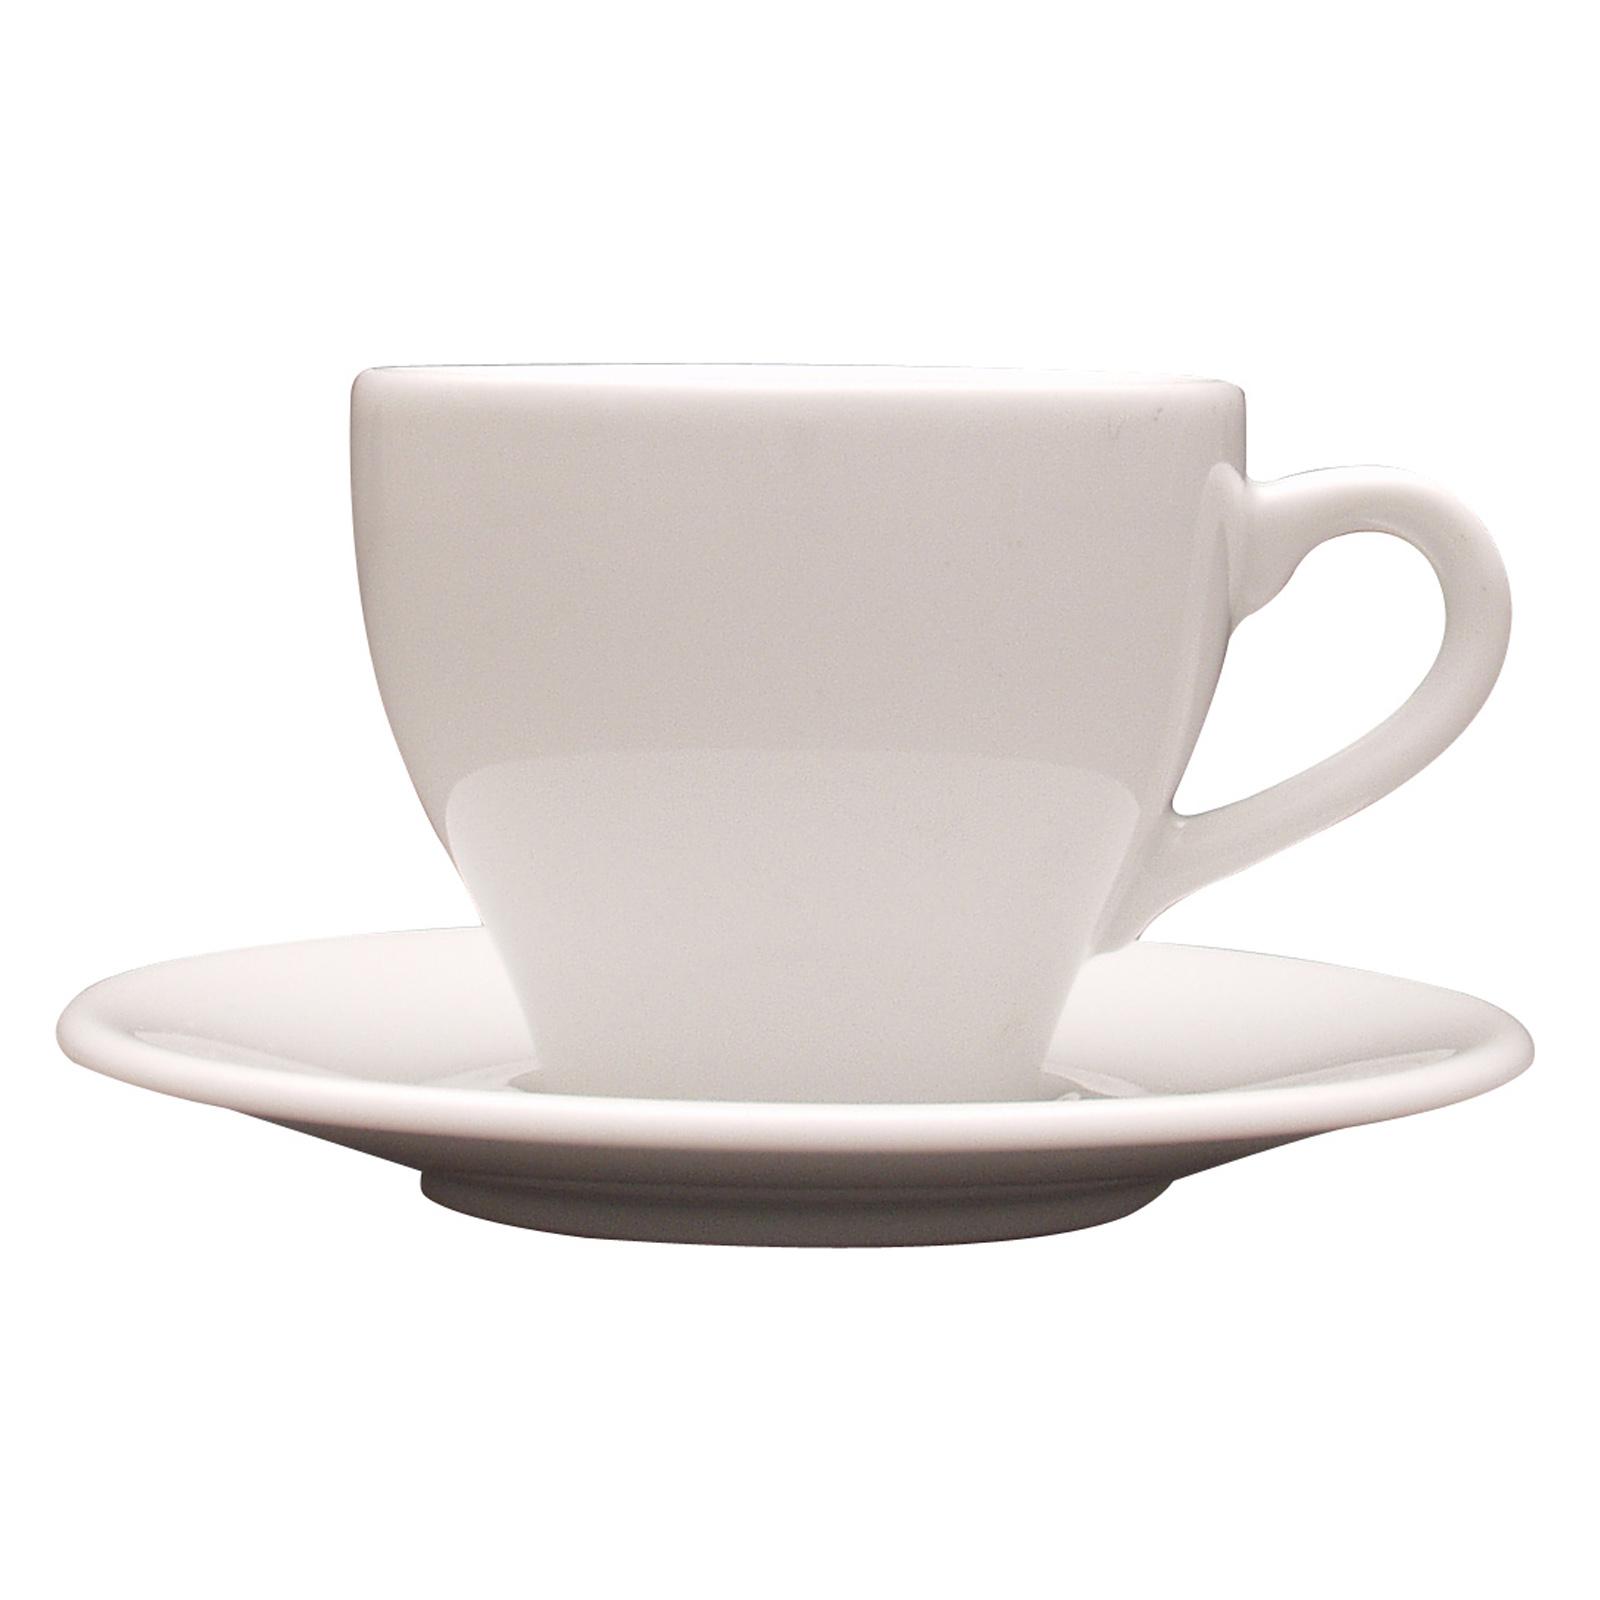 Set of 24 Paula Espresso Cups by Lubiana